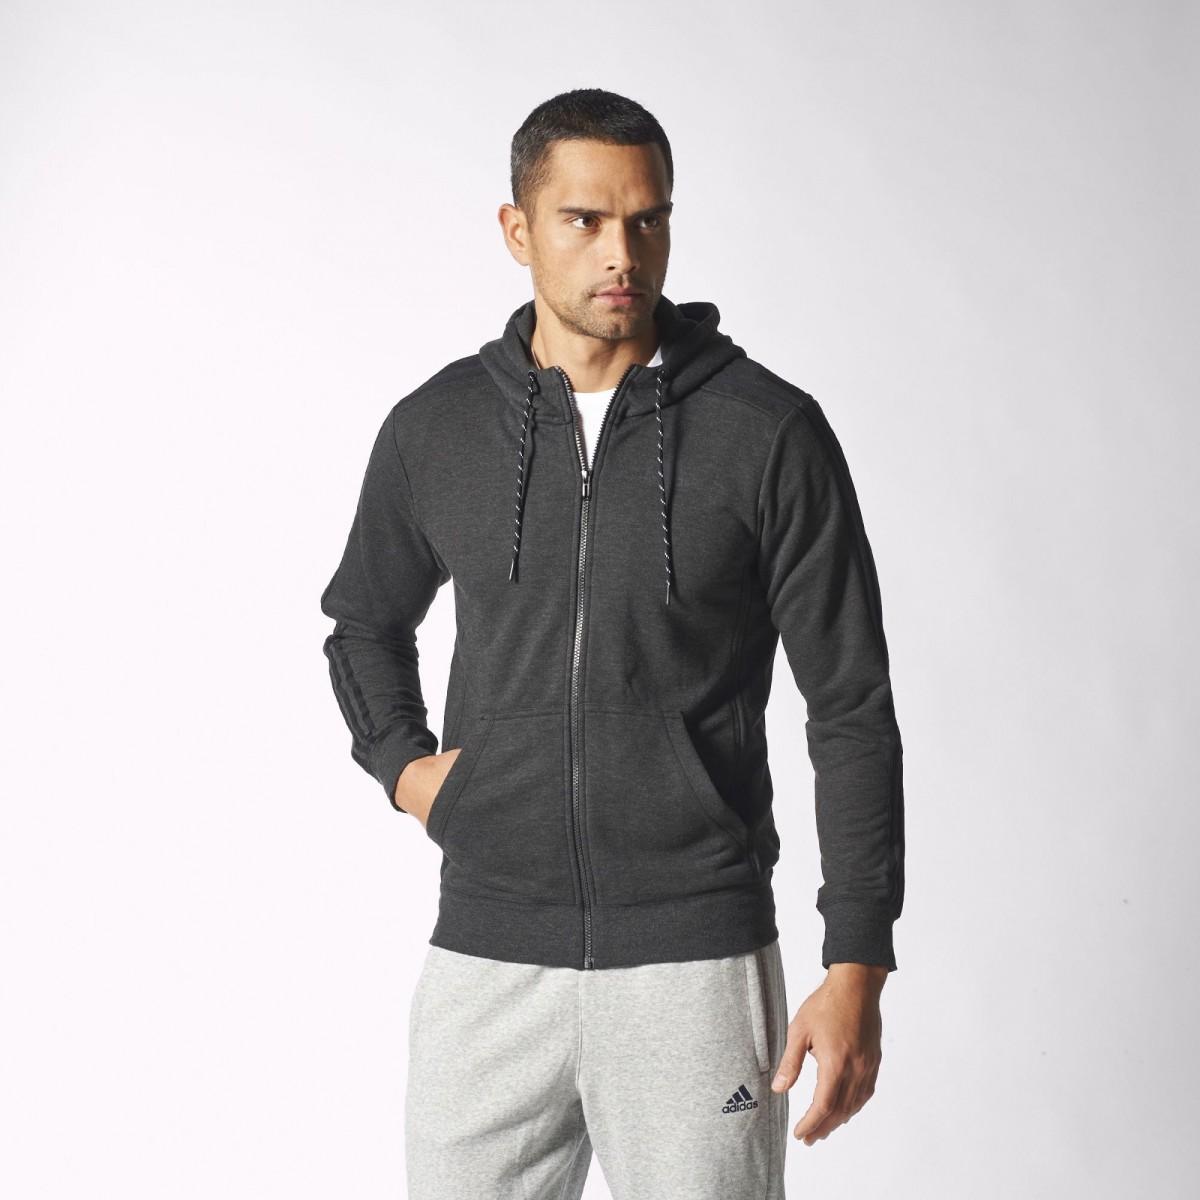 21bd58167 Bizz Store - Jaqueta Masculina Adidas Moletom Com Capuz Ess 3S